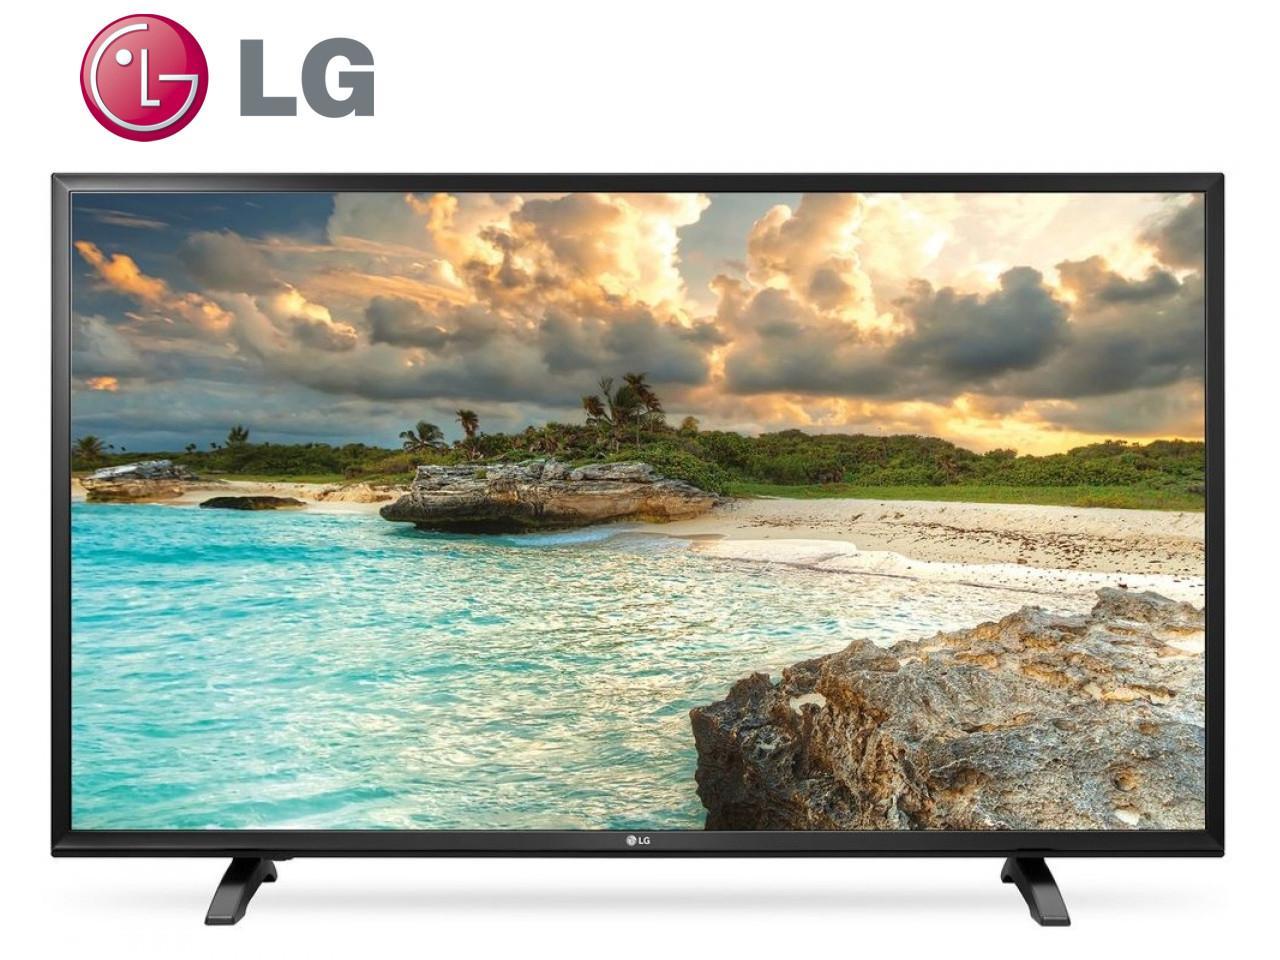 LG 32LH500D + 200 Kč na dárky nebo další nákup | CHAT on-line podpora PO-PÁ 8-22.00!!